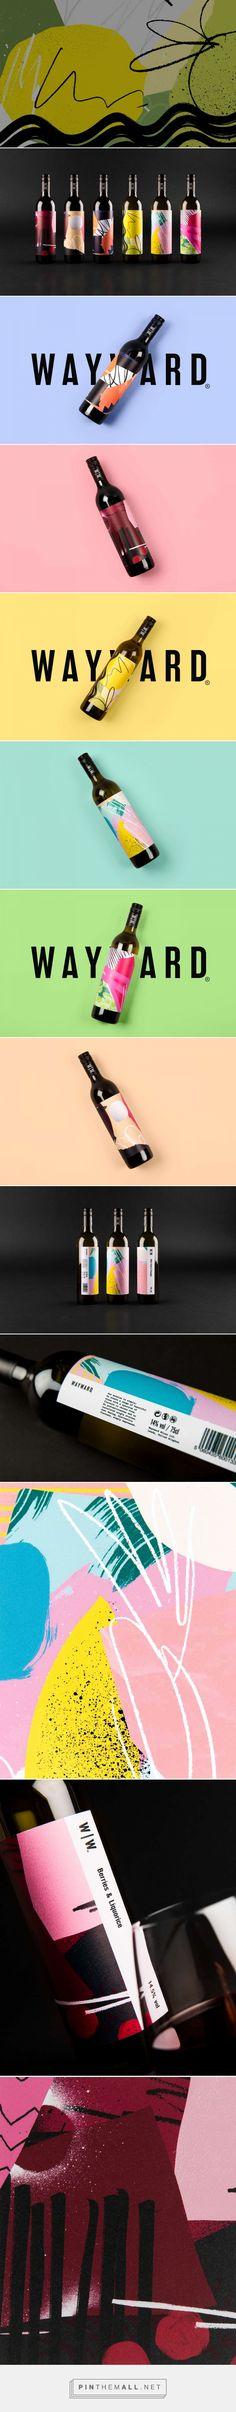 Wayward Wines « Creative Agency, Branding & Packaging Design   Leeds - created on 2017-08-15 13:17:06